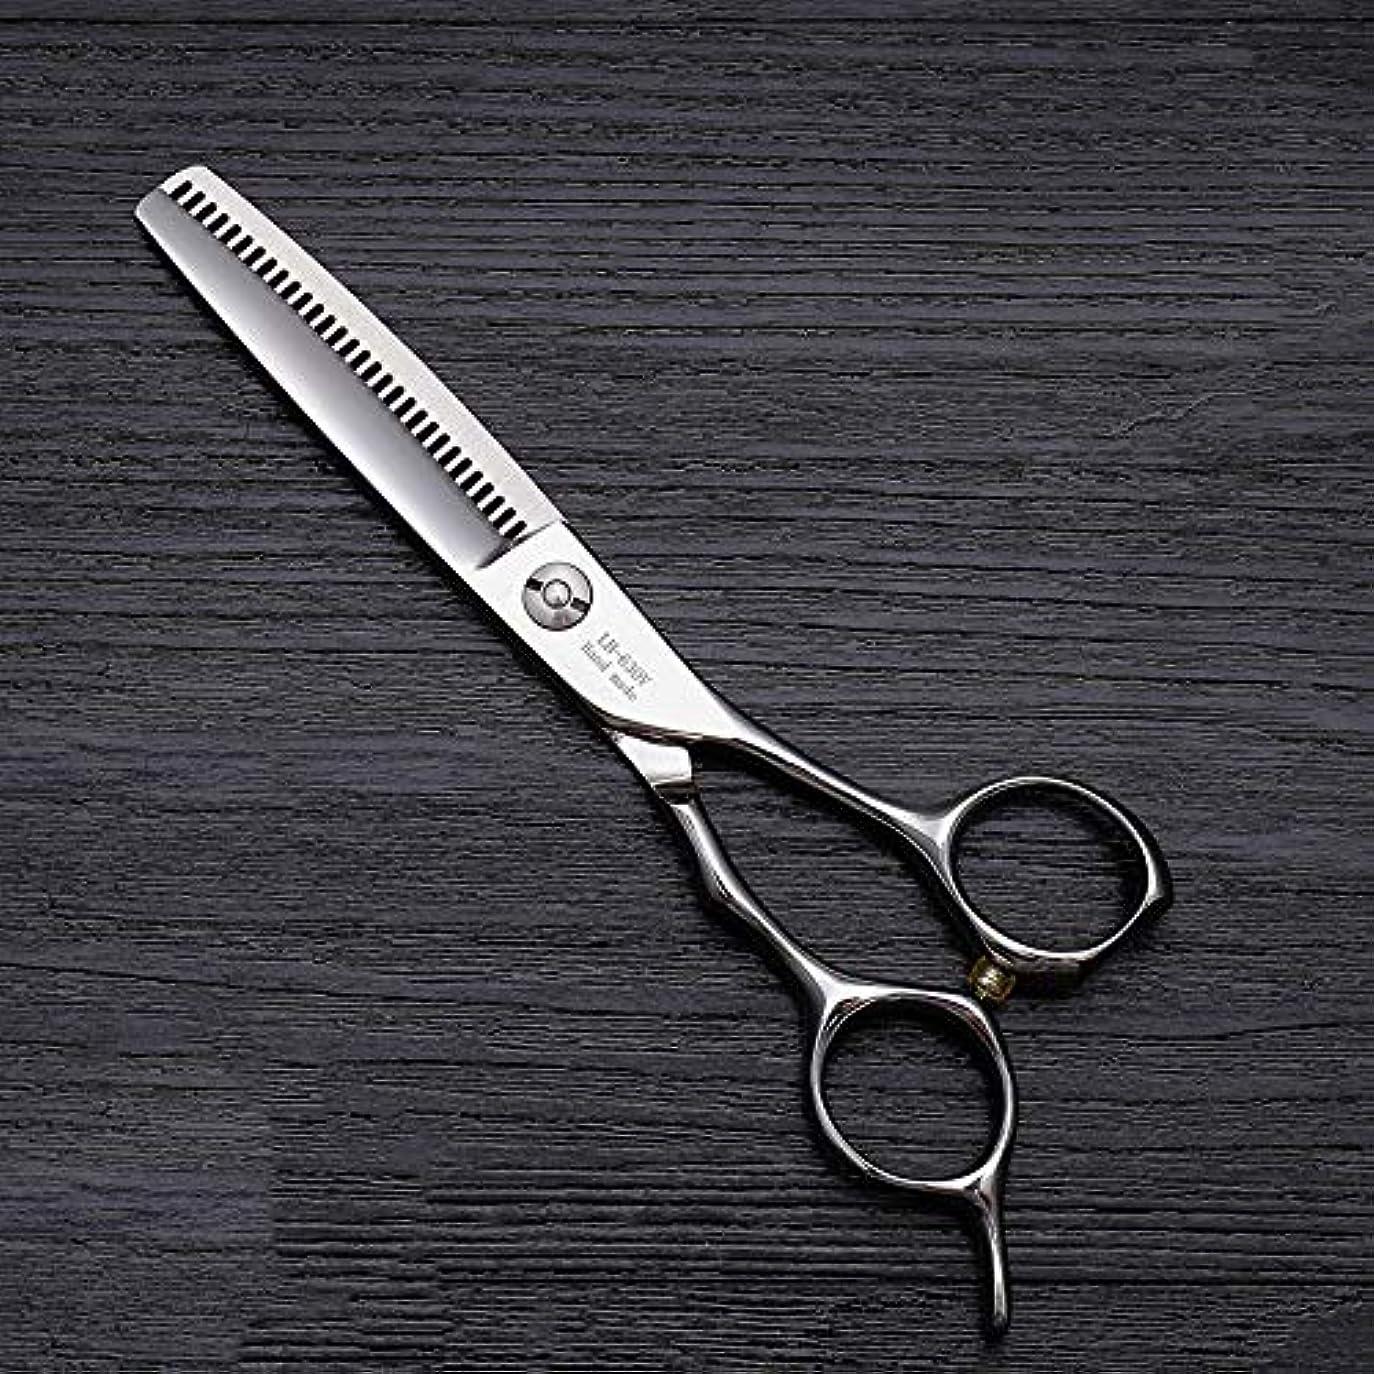 日の出阻害する文庫本6インチのヘアカットはさみ、ハイエンドの美容院の特別な髪のヘアカットはさみ ヘアケア (色 : Silver)